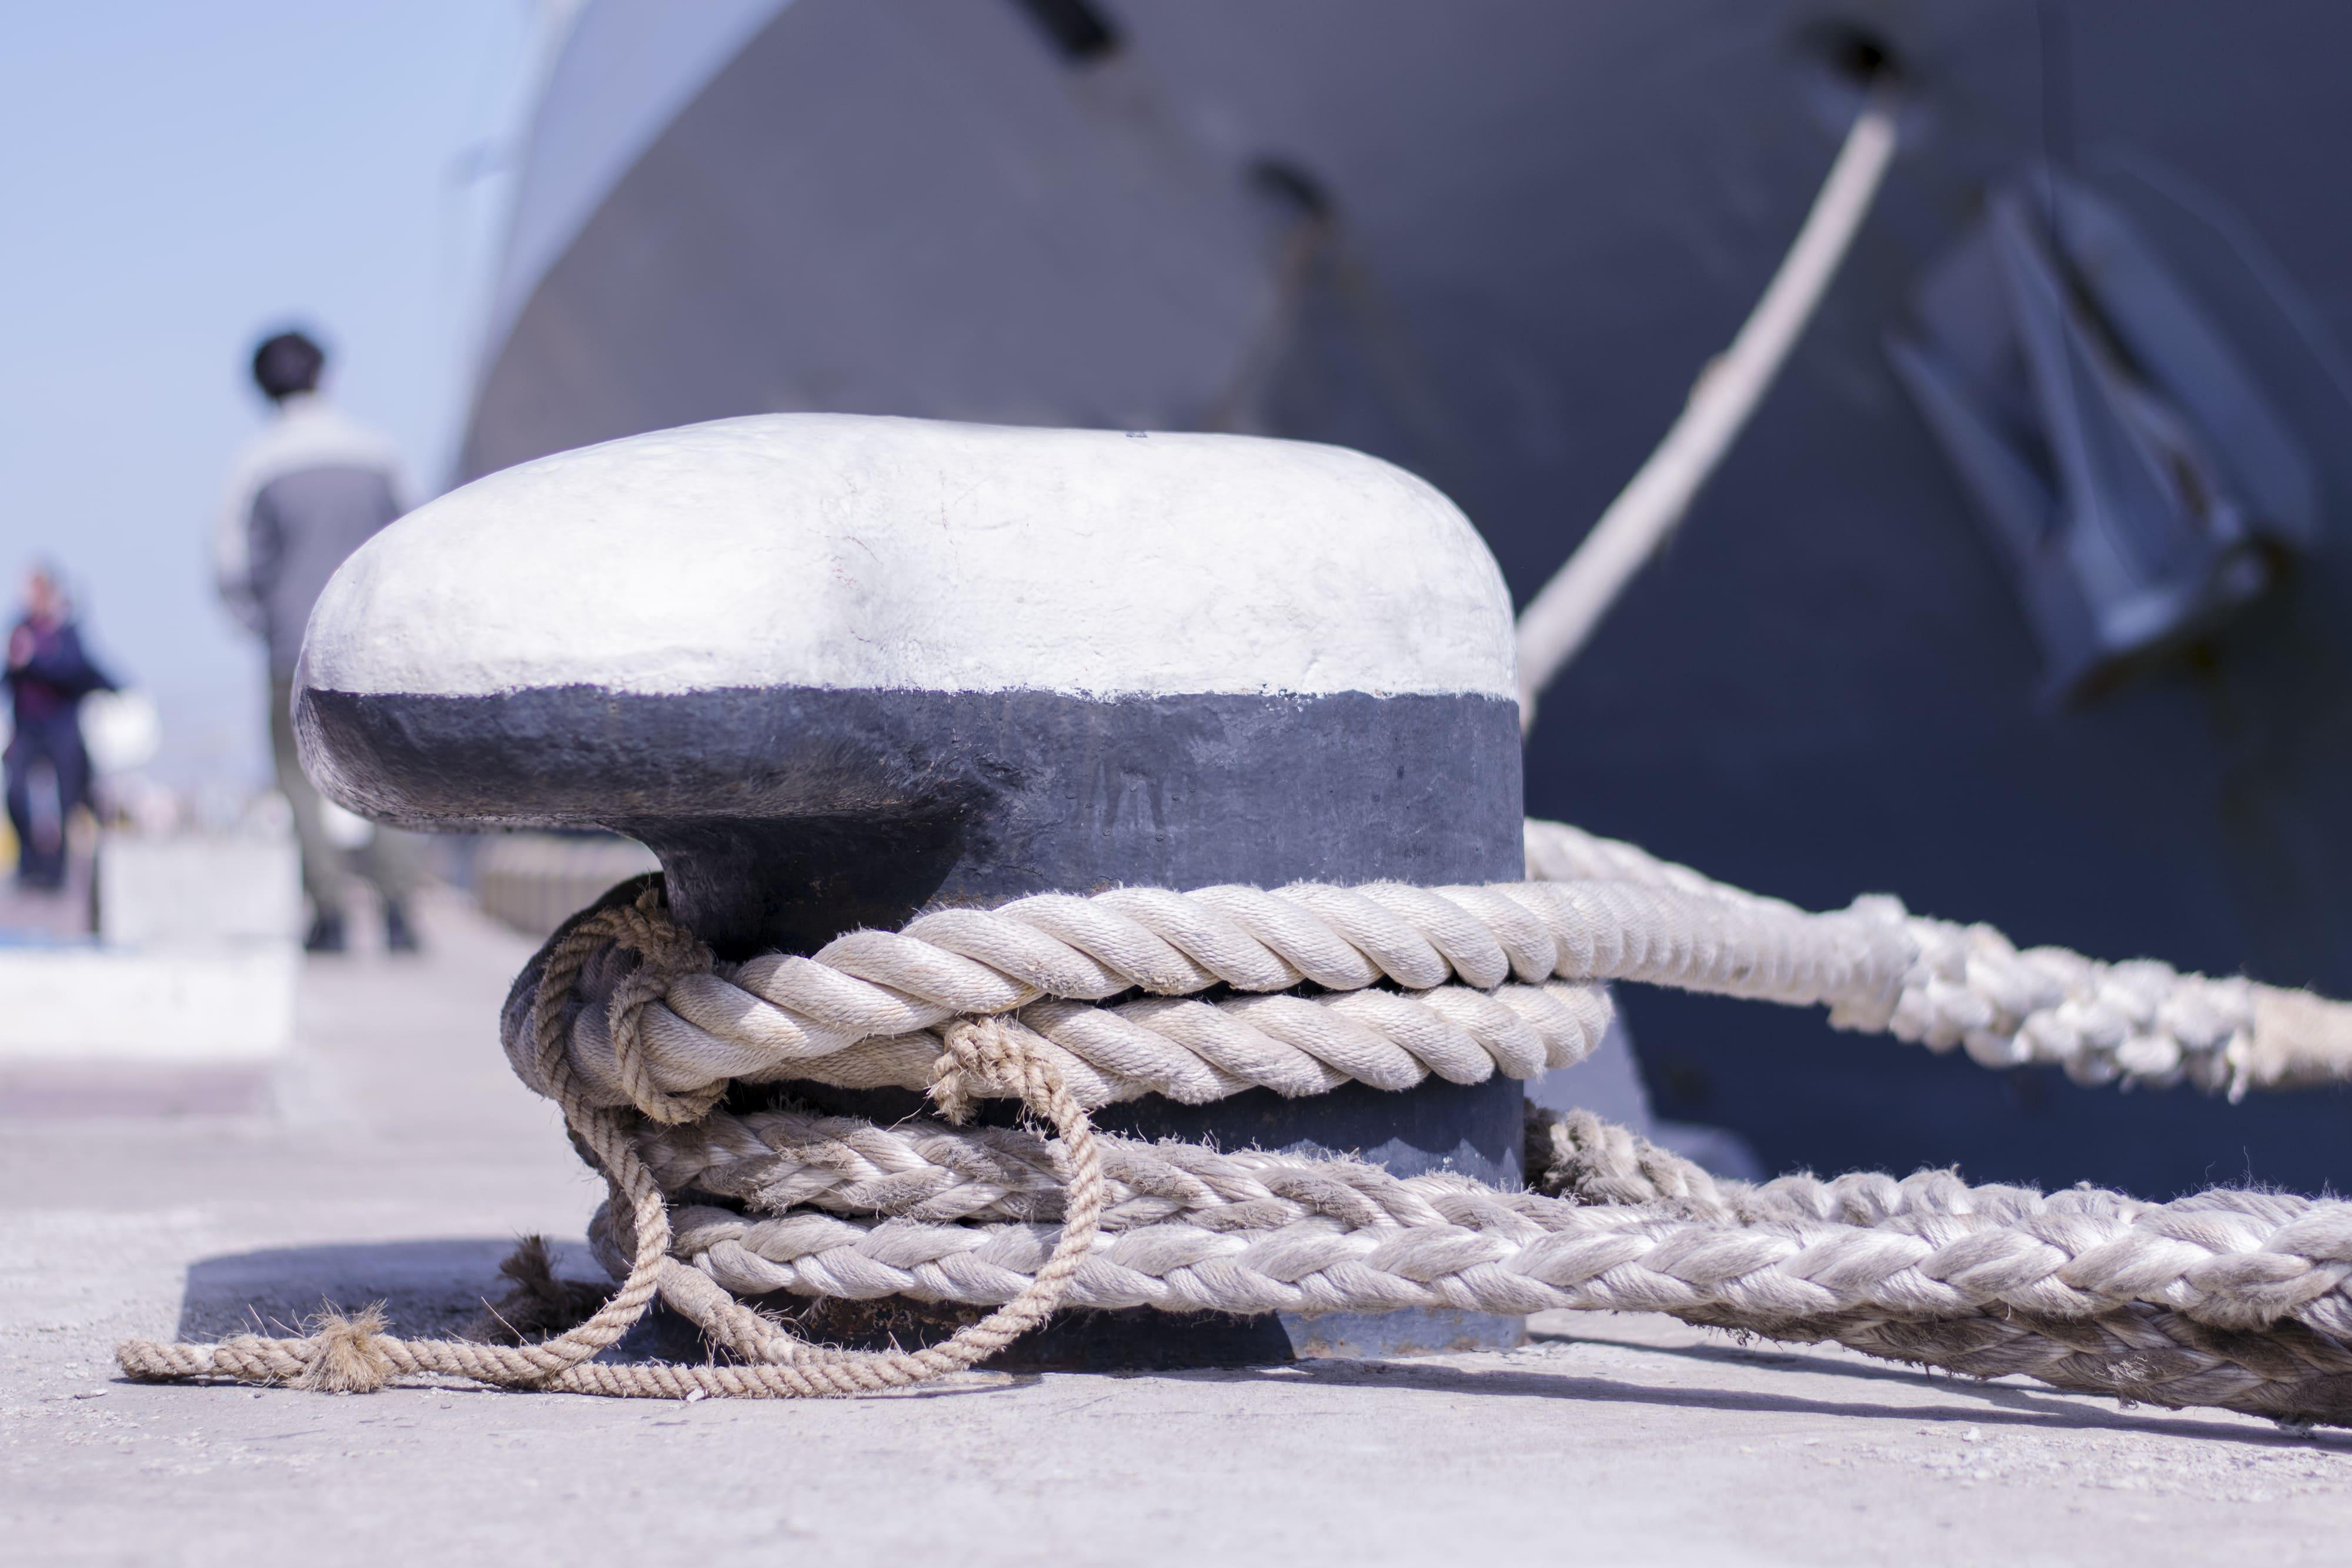 Mejoras laborales para los pescadores: guía fácil, barco